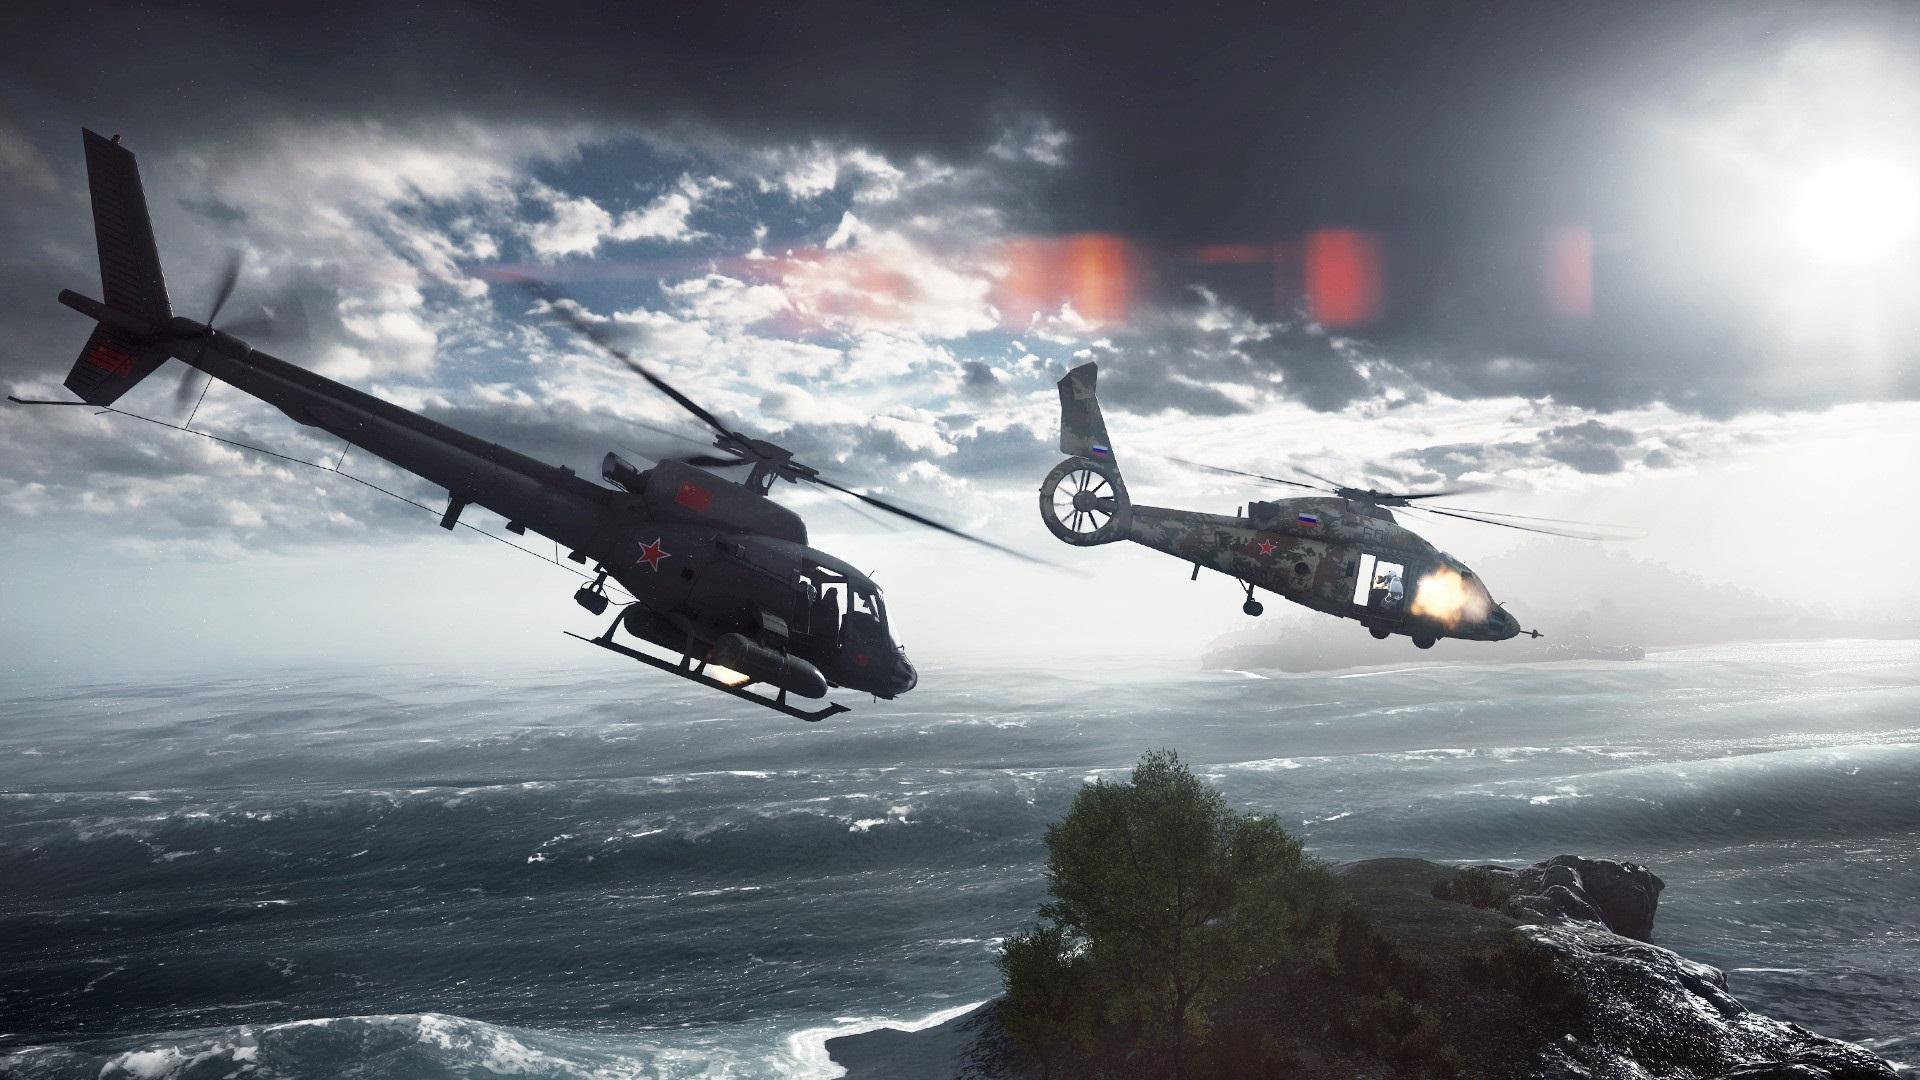 Battlefield4のヘリコプター2機